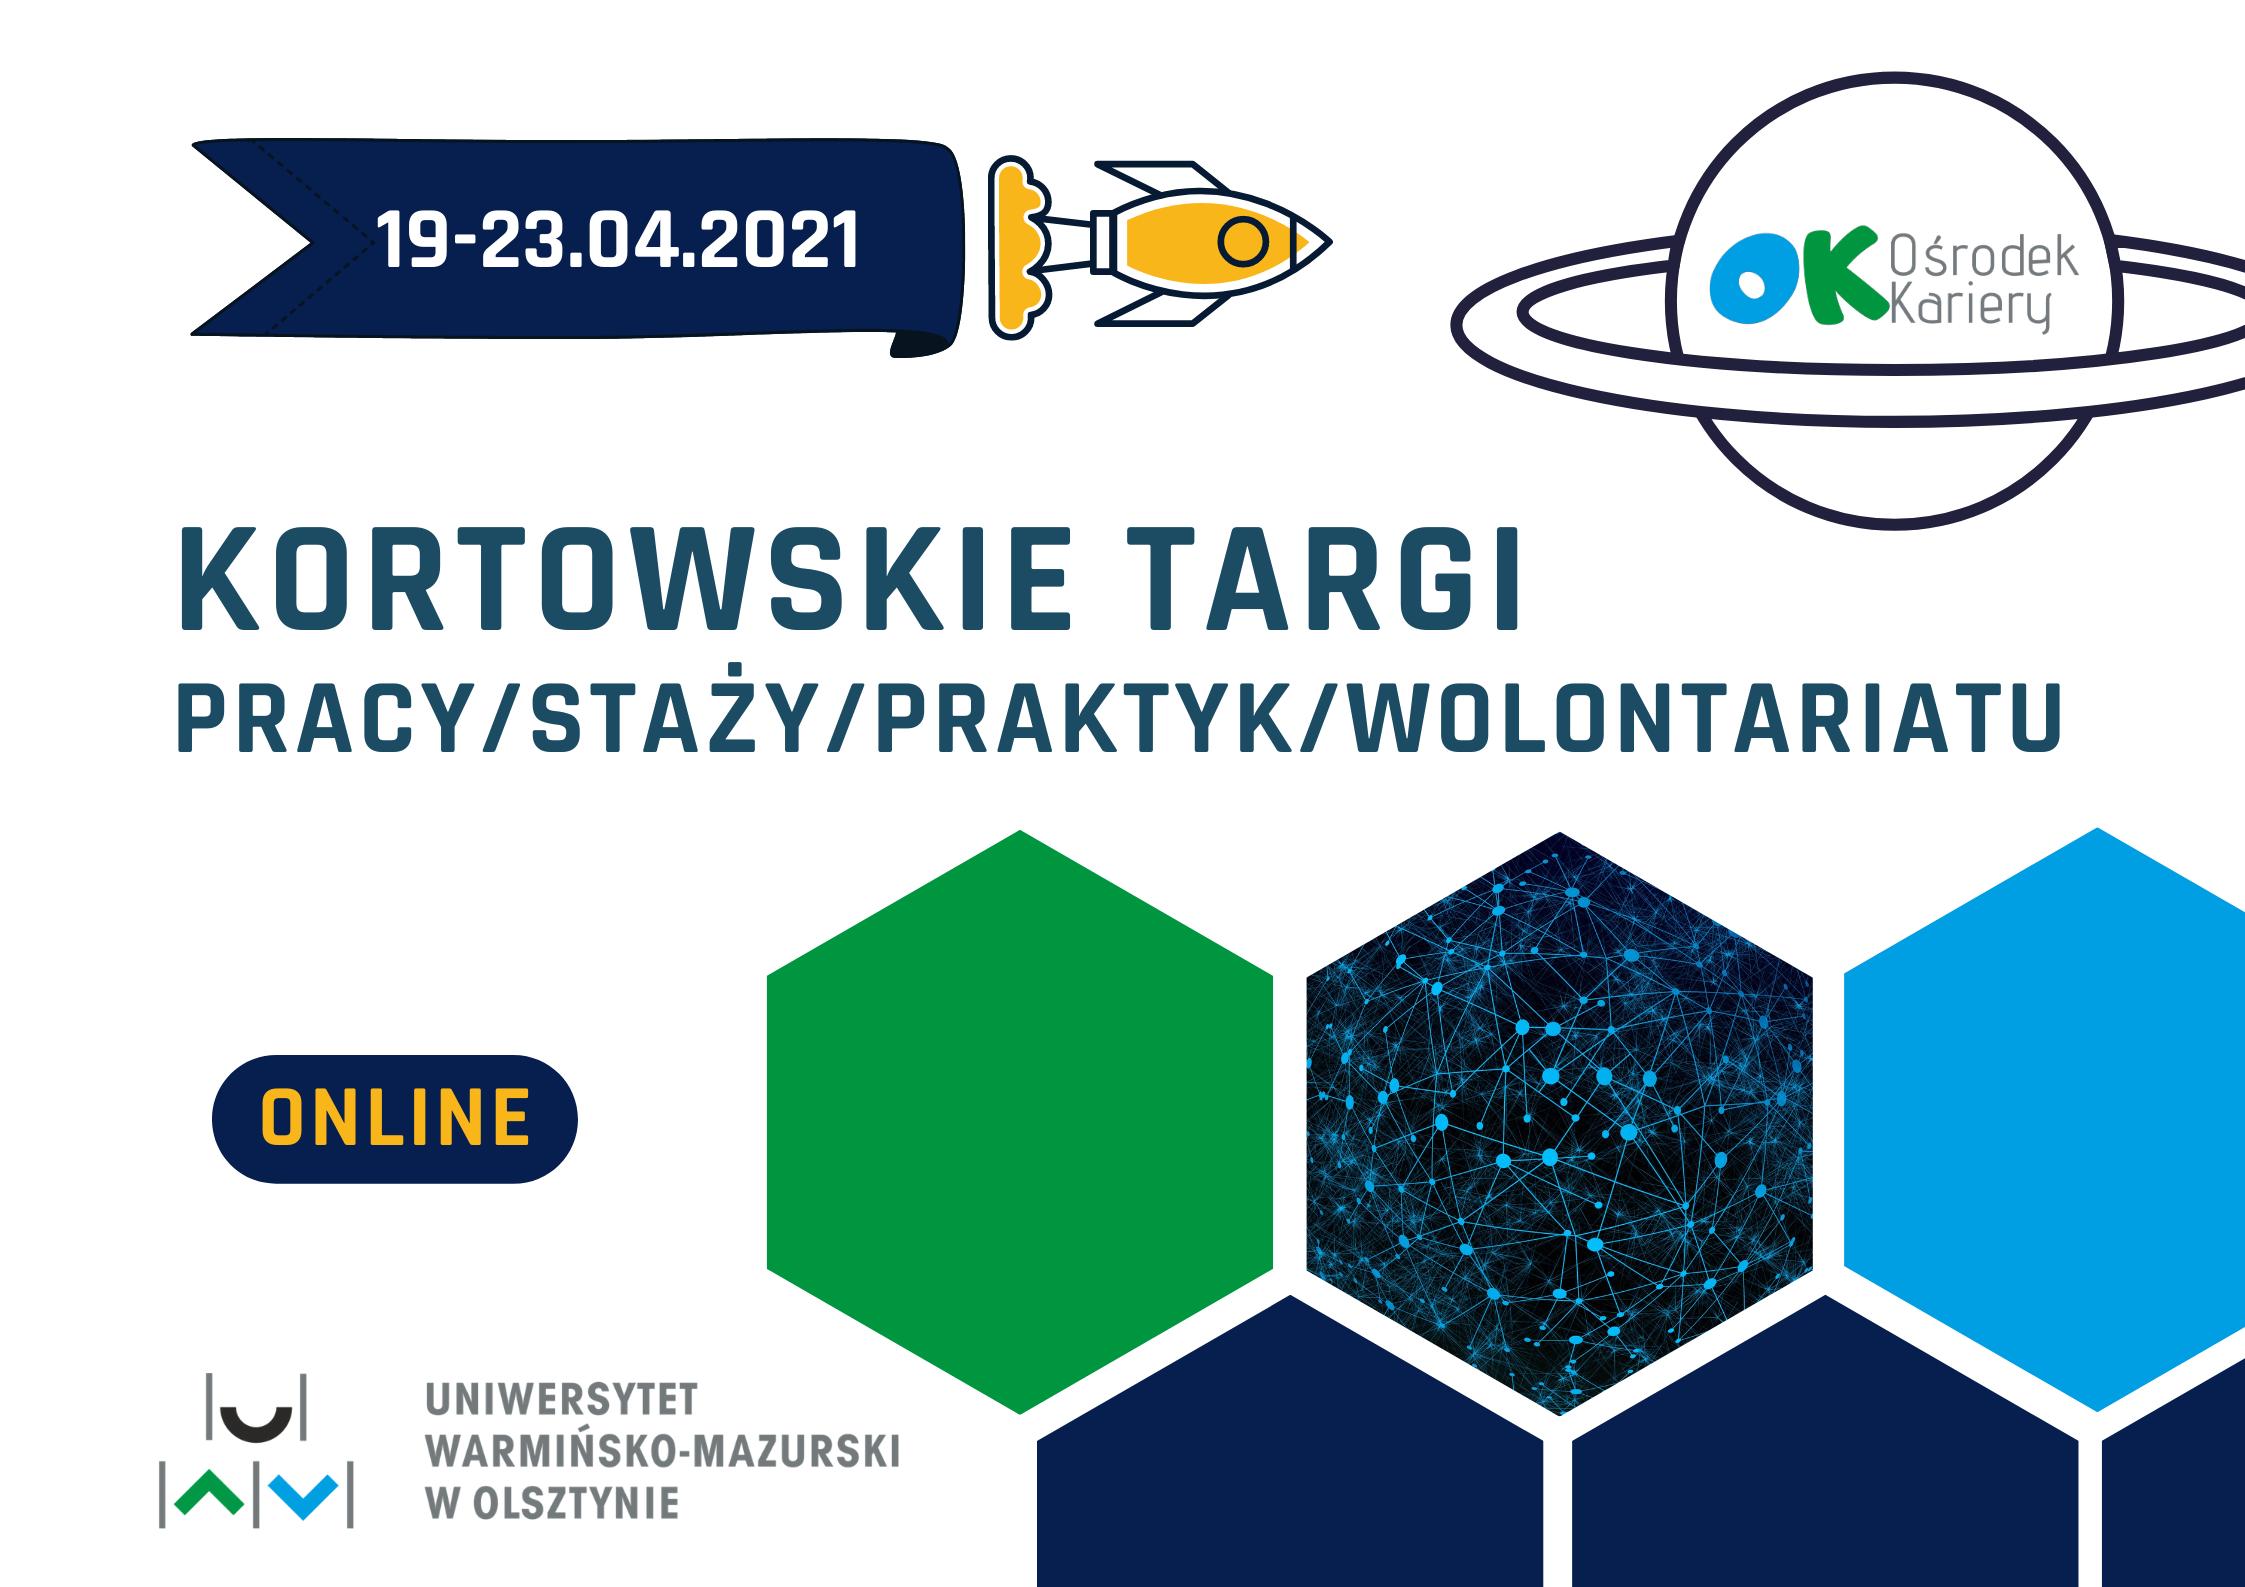 Plakat Kortowskich Targów.